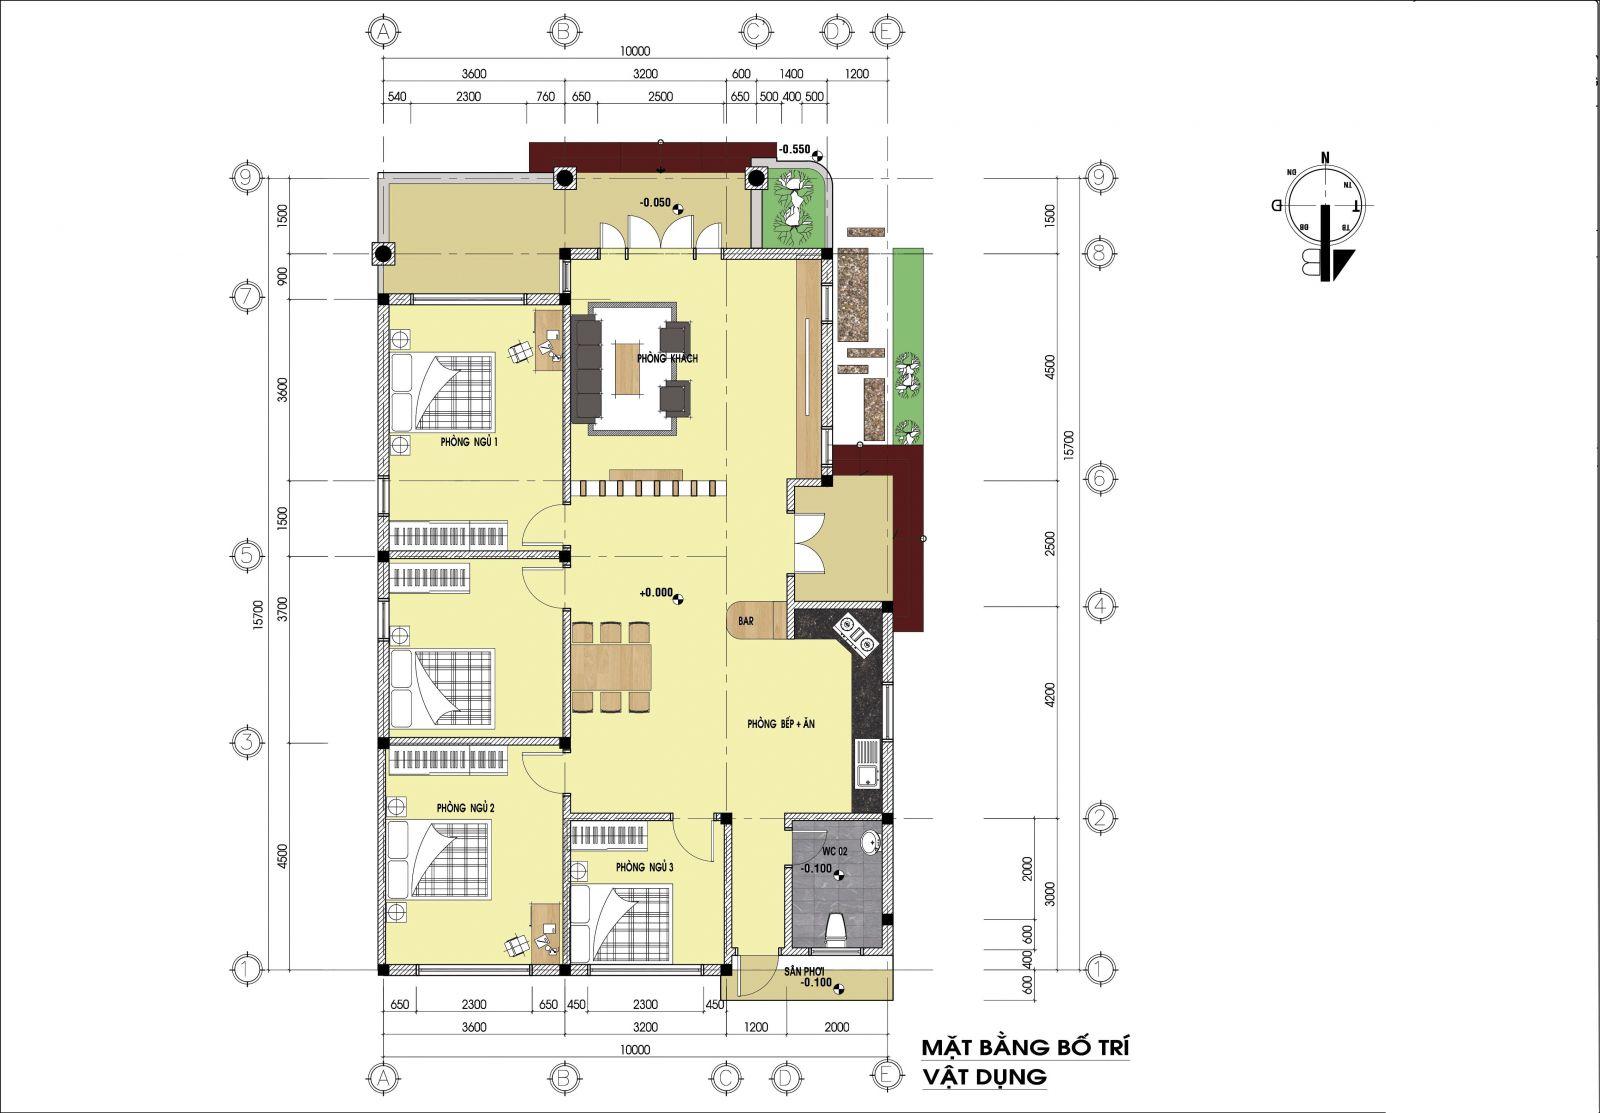 Thiết kế Nhà cấp 4 nông thôn 4 phòng ngủ 150m2